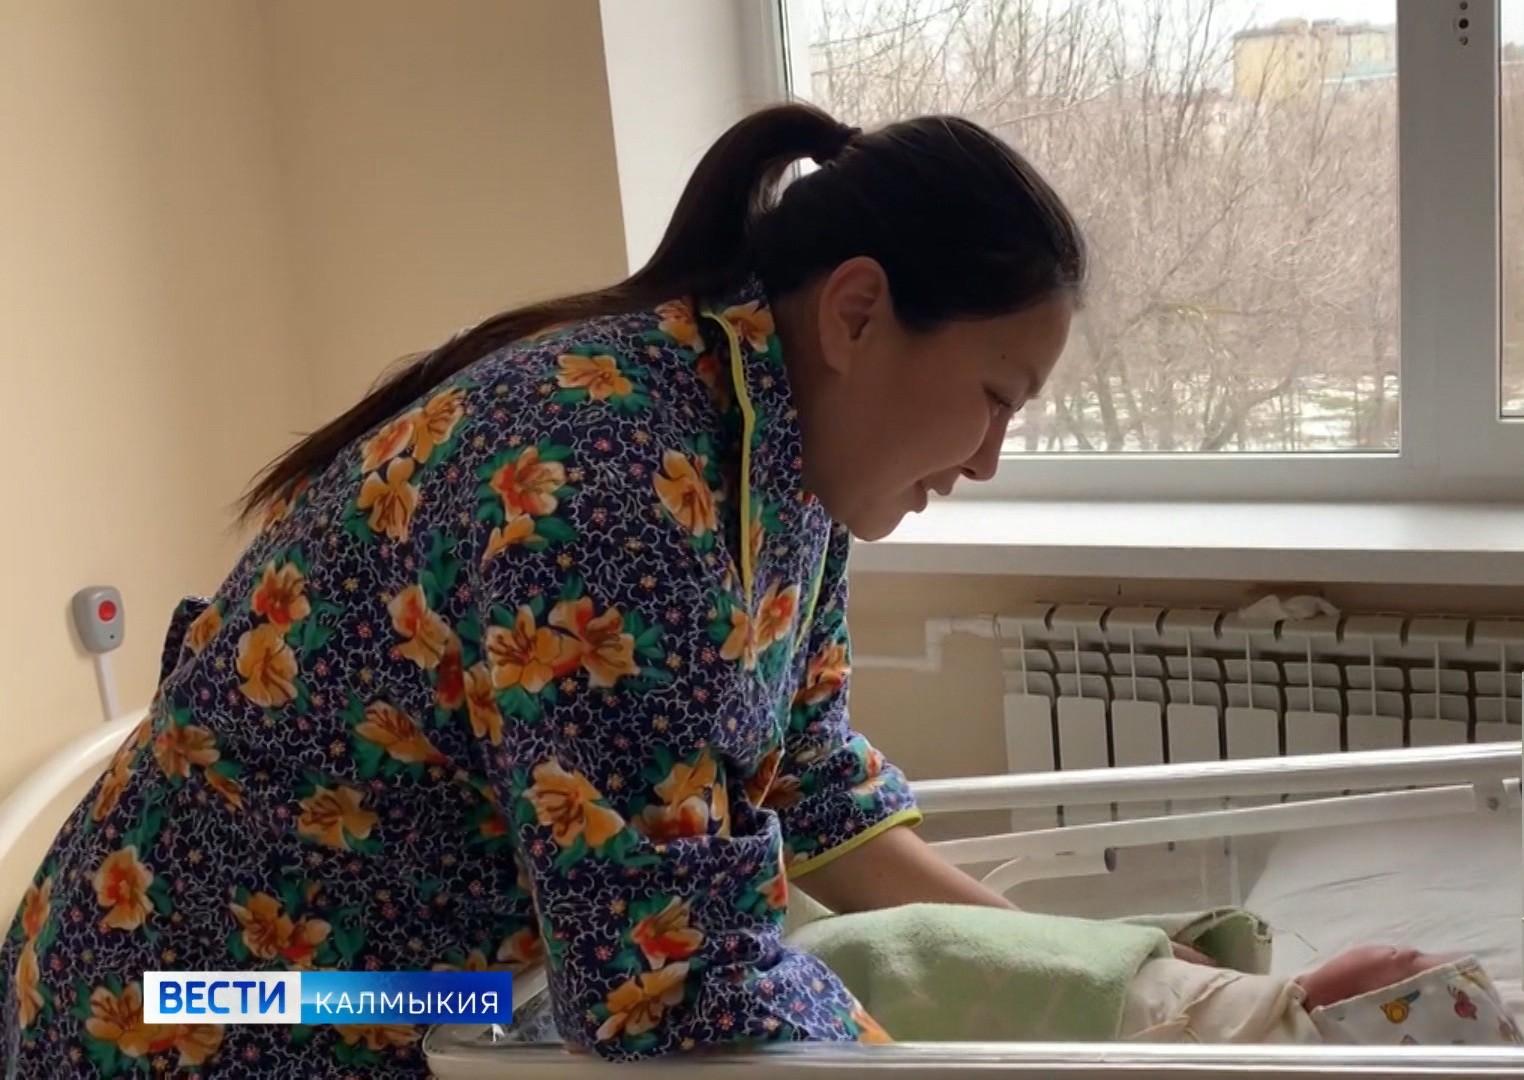 В Республиканском Перинатальном центре родила женщина, перенесшая COVID-19 в тяжелой форме